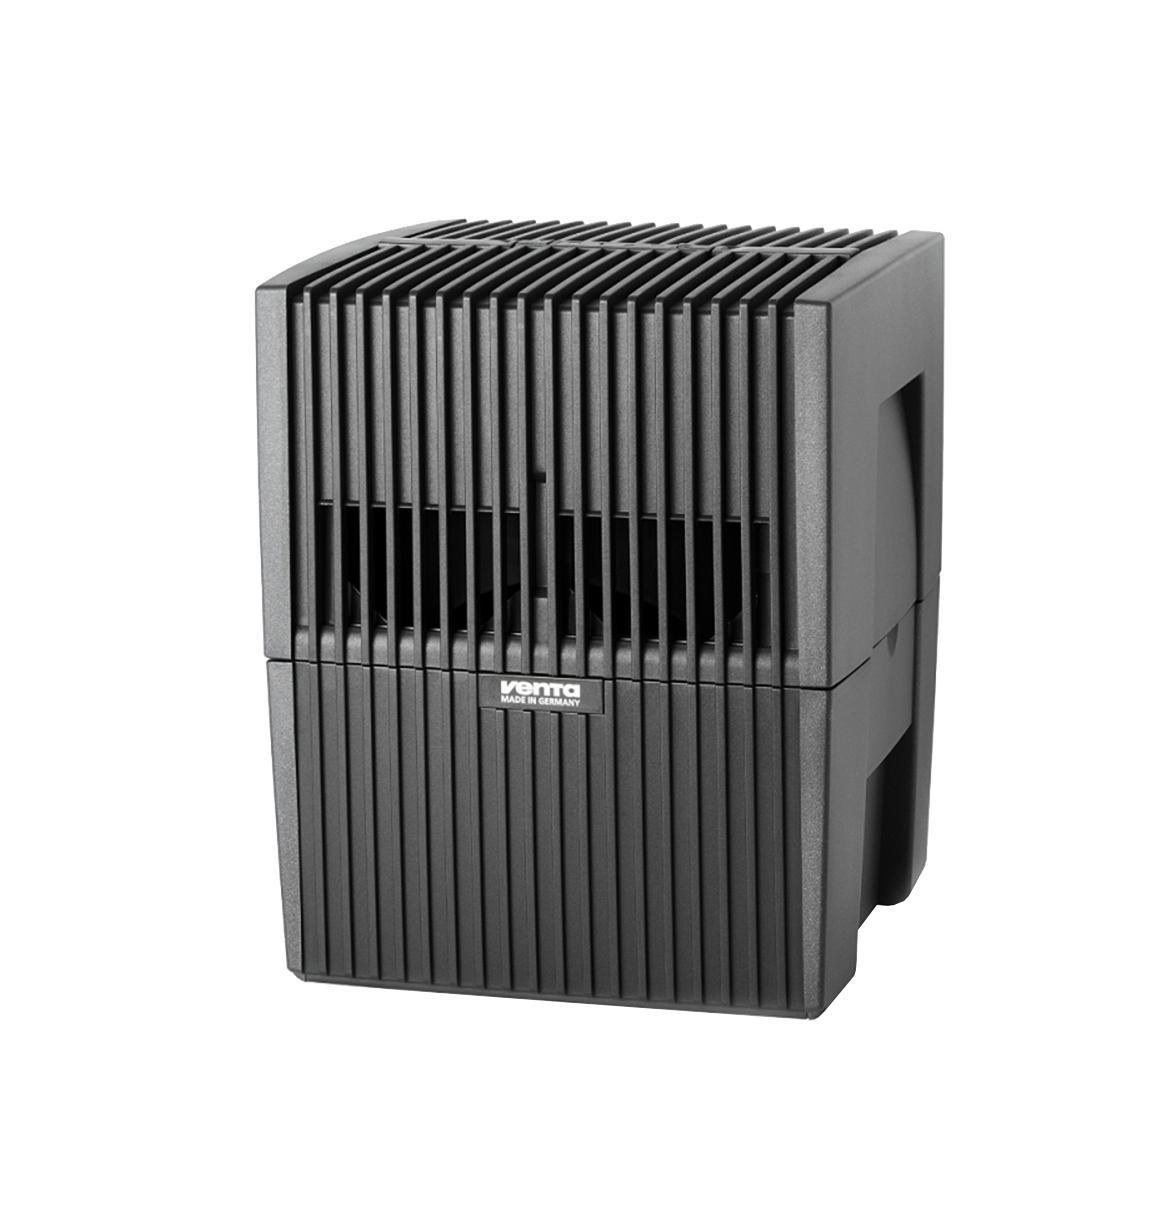 Venta LW 15, Black мойка воздухаLW 15Модель LW 15 - это увлажнитель-очиститель воздуха, который идеально подходит длянебольших помещений: детских комнат, спален, кабинетов.Уникальность данной модели заключается в том, что она очень компактная и может легкоразместиться даже в самом небольшом помещении при этом общая площадь пластинчатогобарабана, на котором промывается воздух, составляет 1,4 м2. Это равноценно тому, чтобыустановить бассейн размером 1,4 х 1 м в комнате площадью до 15-20 м2. Установка компактной модели LW 15 позволит избежать переувлажнения воздуха впомещении с небольшой площадью, что очень вероятно при эксплуатации моек воздухадругих производителей, которые предлагают только одну модель на площадь до 50 м2.Модель LW 15 в белом исполнении чаще всего приобретают для помещений со светлоймебелью и полами (например, паркет из клена, дуба, карельской сосны).В комплект входят 2 флакона гигиенической добавки.